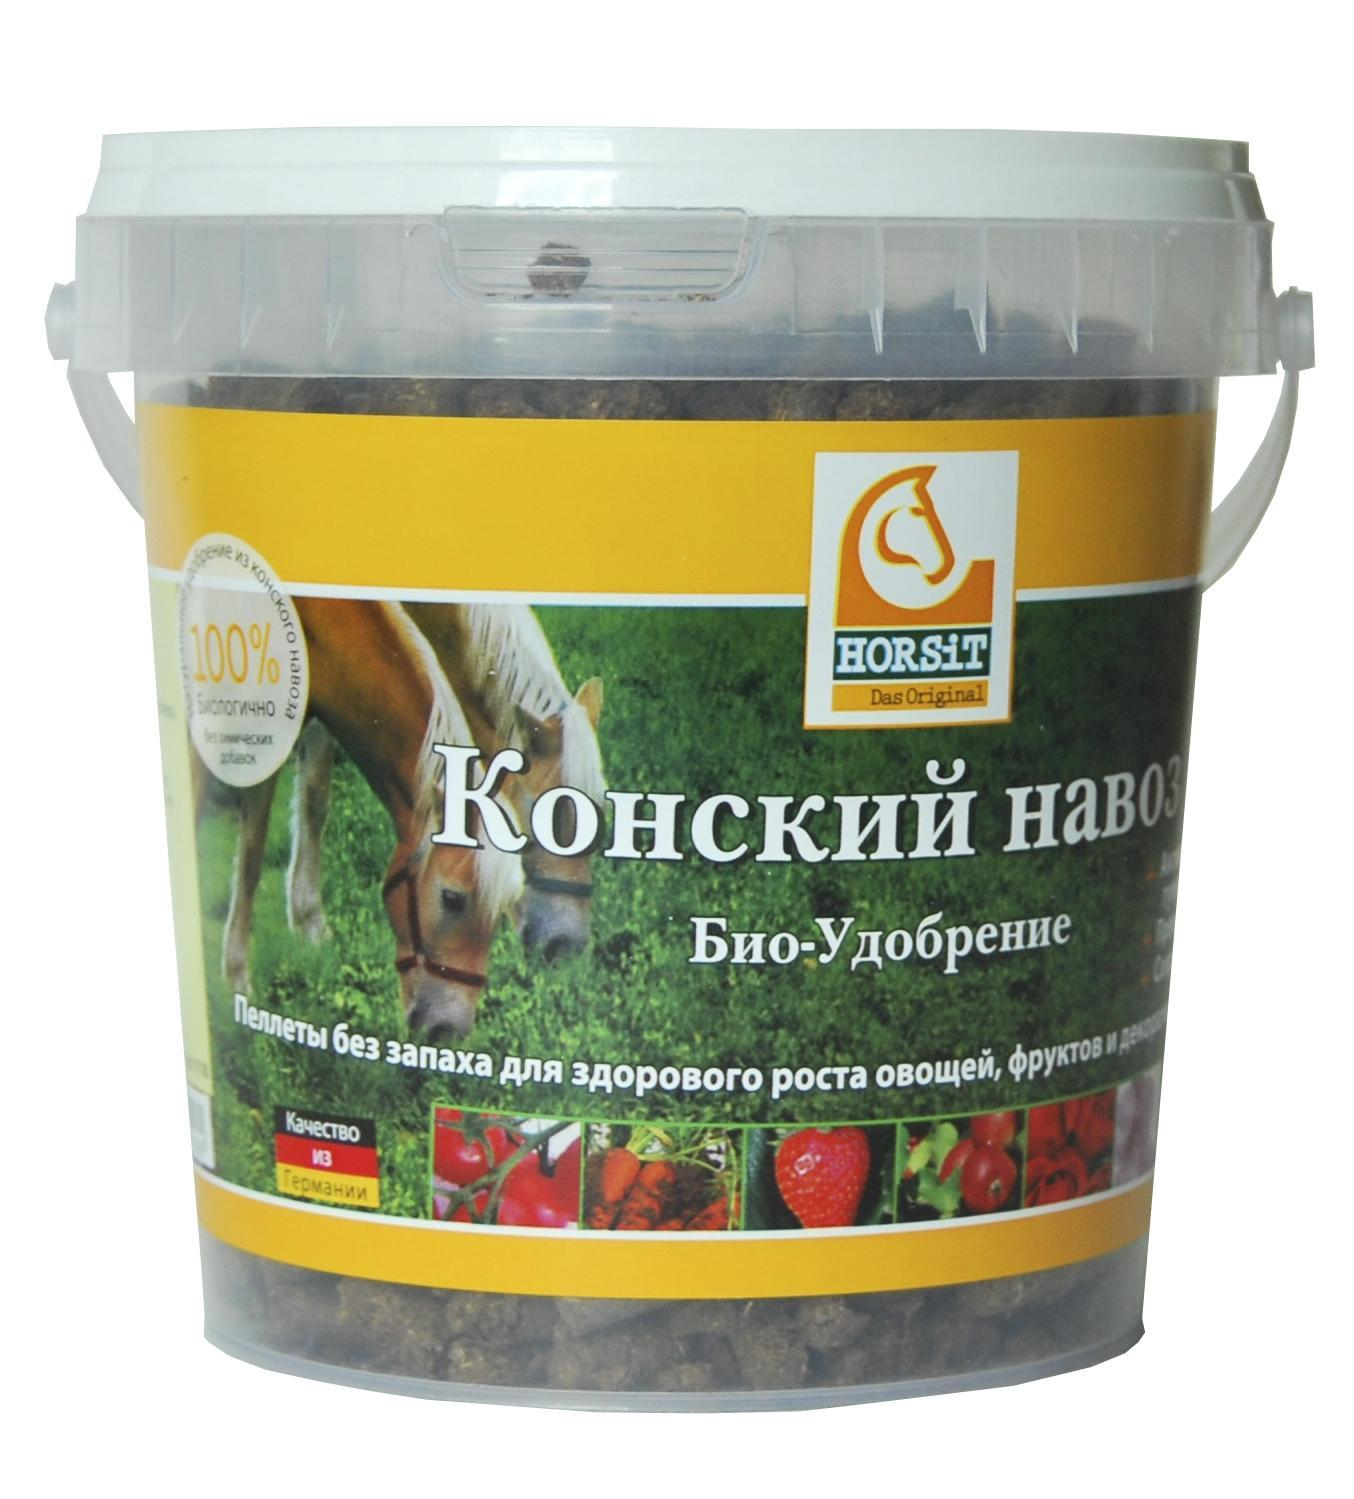 Био-удобрение Horsit Конский навоз, 1,18 л4610006180703Био-удобрение Horsit Конский навоз - это натуральное экологически чистое средство на основе 100% конского навоза, в виде пеллет без запаха. Способствуют здоровому росту овощей, фруктов и декоративных растений. Преимущества:• Активирует гумусообразование Поддерживает естественную микробиологическую жизнедеятельность грибов, бактерий и дождевых червей, что способствует увеличению плодородия почвы. • Проветривает почву Благодаря ярко выраженному набуханию пеллет почва разрыхляется. При этом потребление питательных веществ растениями увеличивается до 40%. • Сохраняет влагу Пеллеты впитывают влагу, в три раза больше собственного веса, и удерживают ее долгое время. Благодаря этому, расход воды для полива сокращается на 50%. Органическое РК-удобрение (0,3:1,4).Действует целый сезон (до 6 месяцев)! Достаточно на 15 кв.м. почвы. Характеристики:Состав: 100% конский навоз. Объем: 1,18 л. Действующие вещества: 0,32% азот общий, 0,041% аммонийный азот, 0,3% общий фосфат, 1,39% оксид калия общий, 0,36% оксид кальция, 75% органическая субстанция. Срок действия: 6 месяцев.